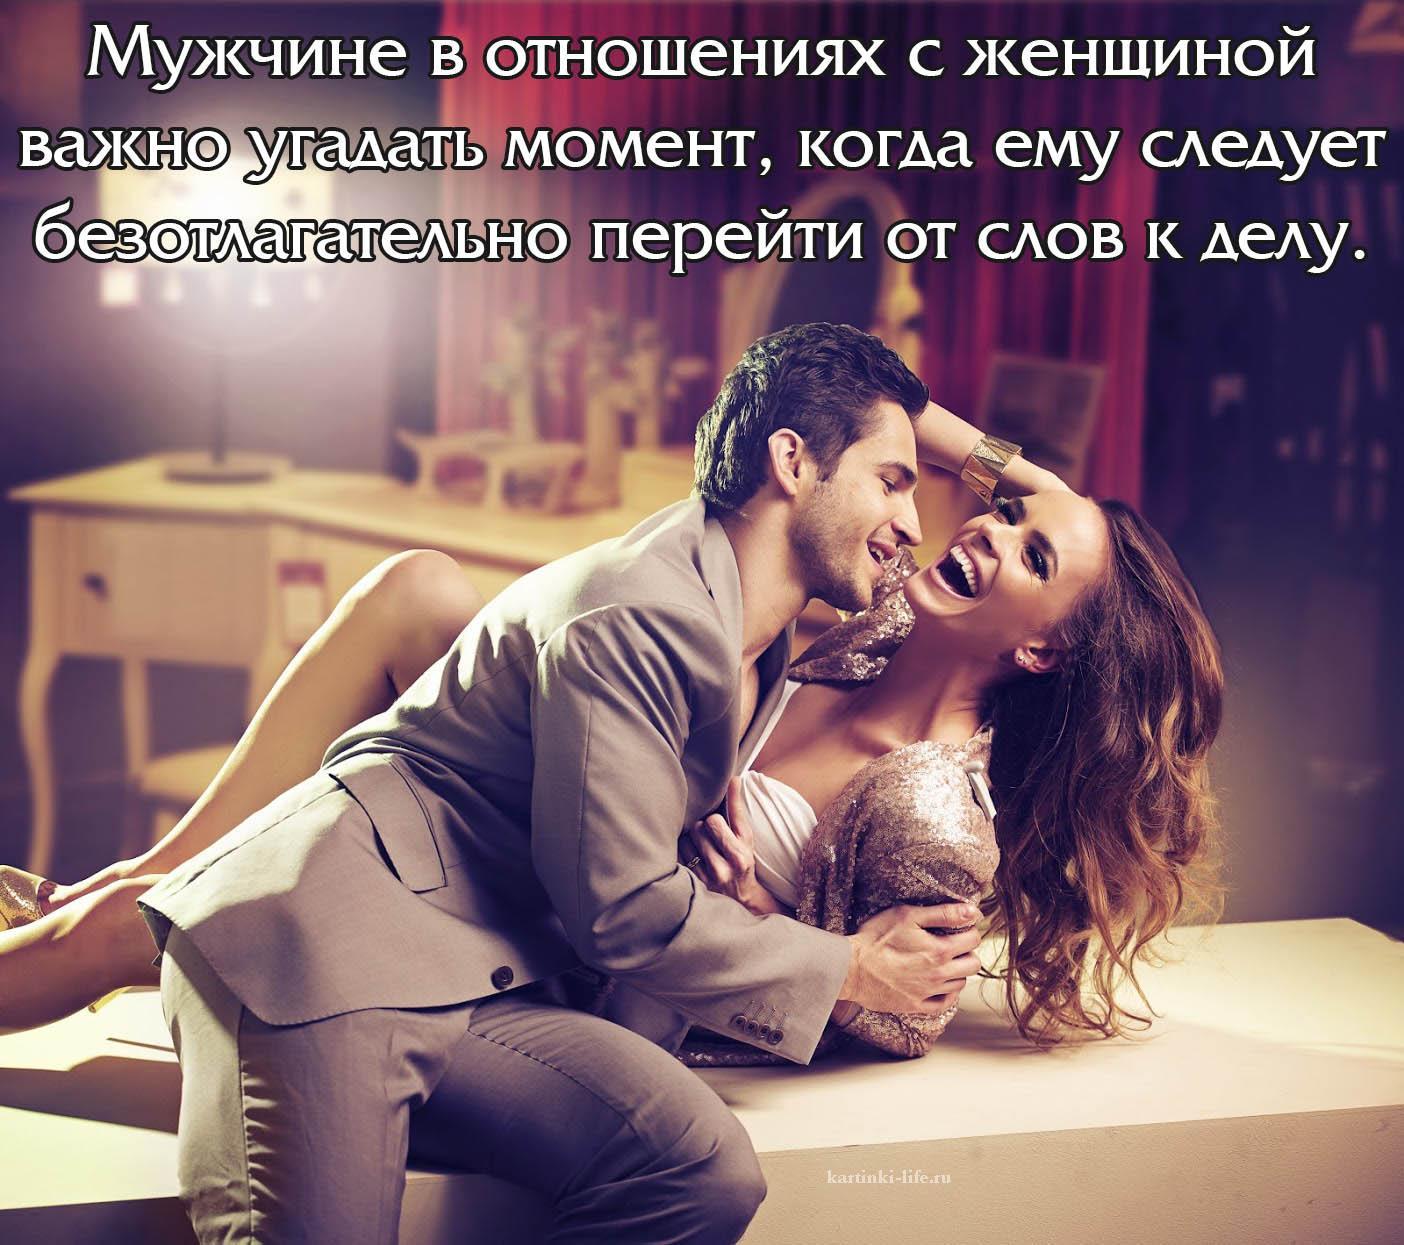 Мужчине в отношениях с женщиной важно угадать момент, когда ему следует безотлагательно перейти от слов к делу.